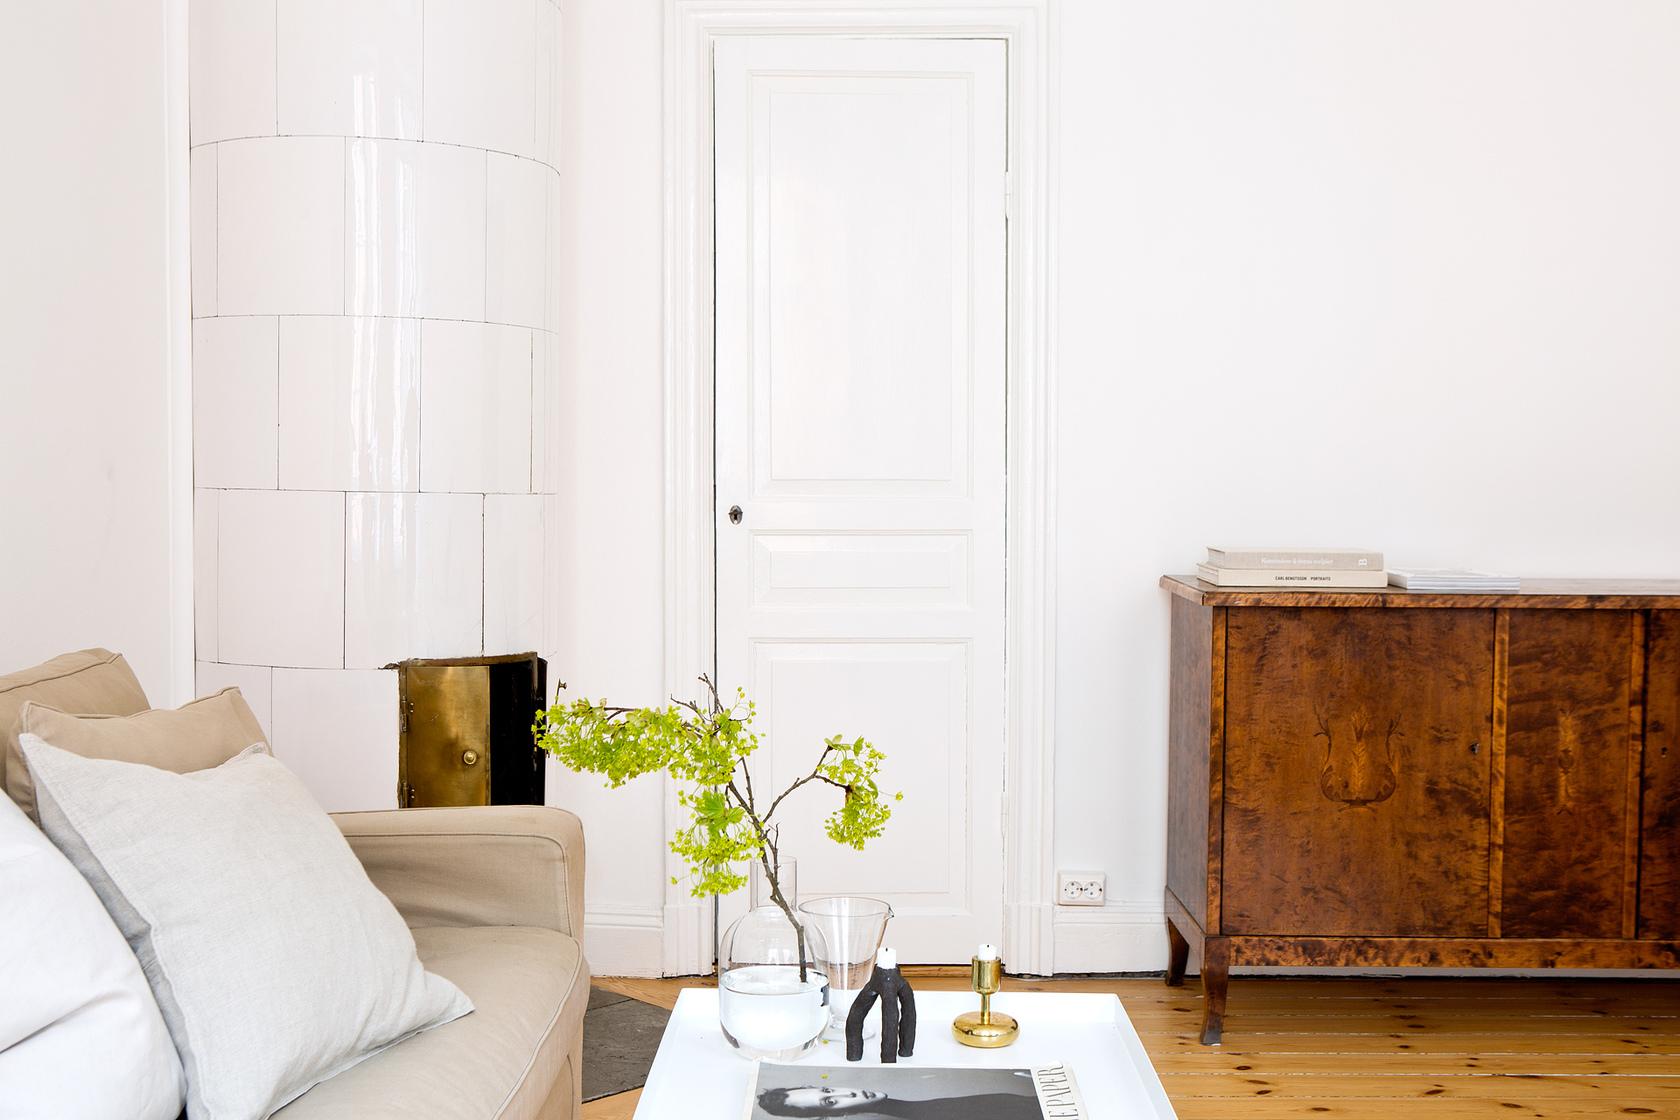 简约 三居 小资 白领 新房装修 婚房 90后 北欧风格 装修案例 客厅图片来自成都图美家装饰在简约北欧风格装修案例的分享